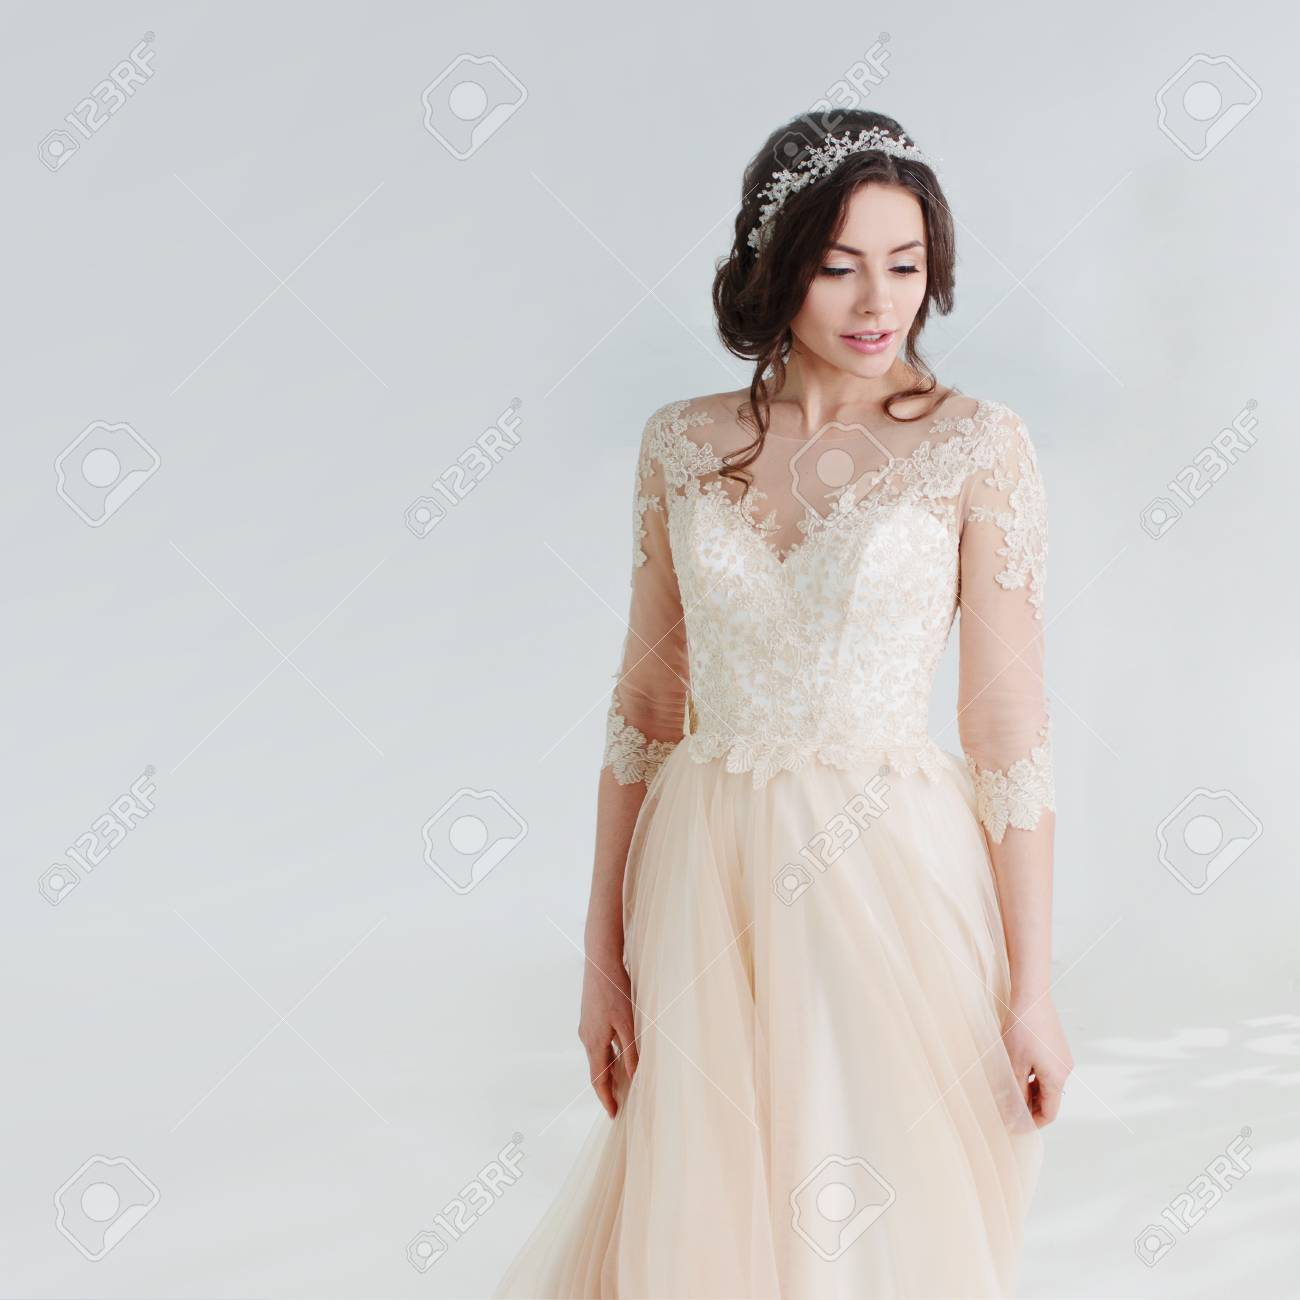 Tanzendes Schönes Mädchen In Einem Hochzeitskleid. Braut Im ...